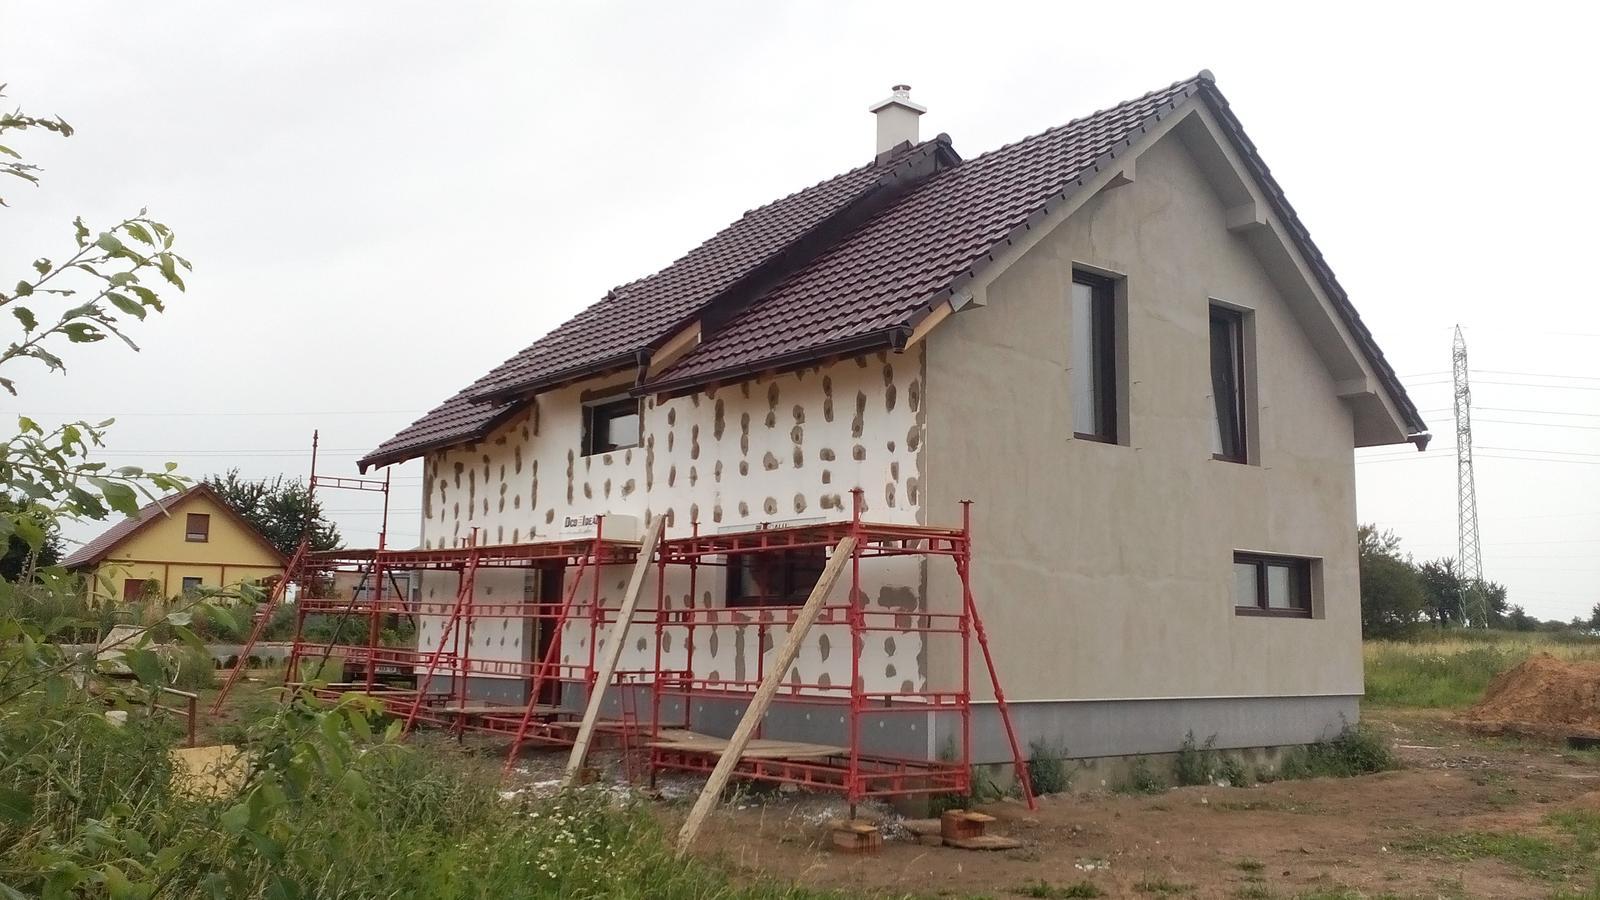 Stavba v kostce - Obrázek č. 64